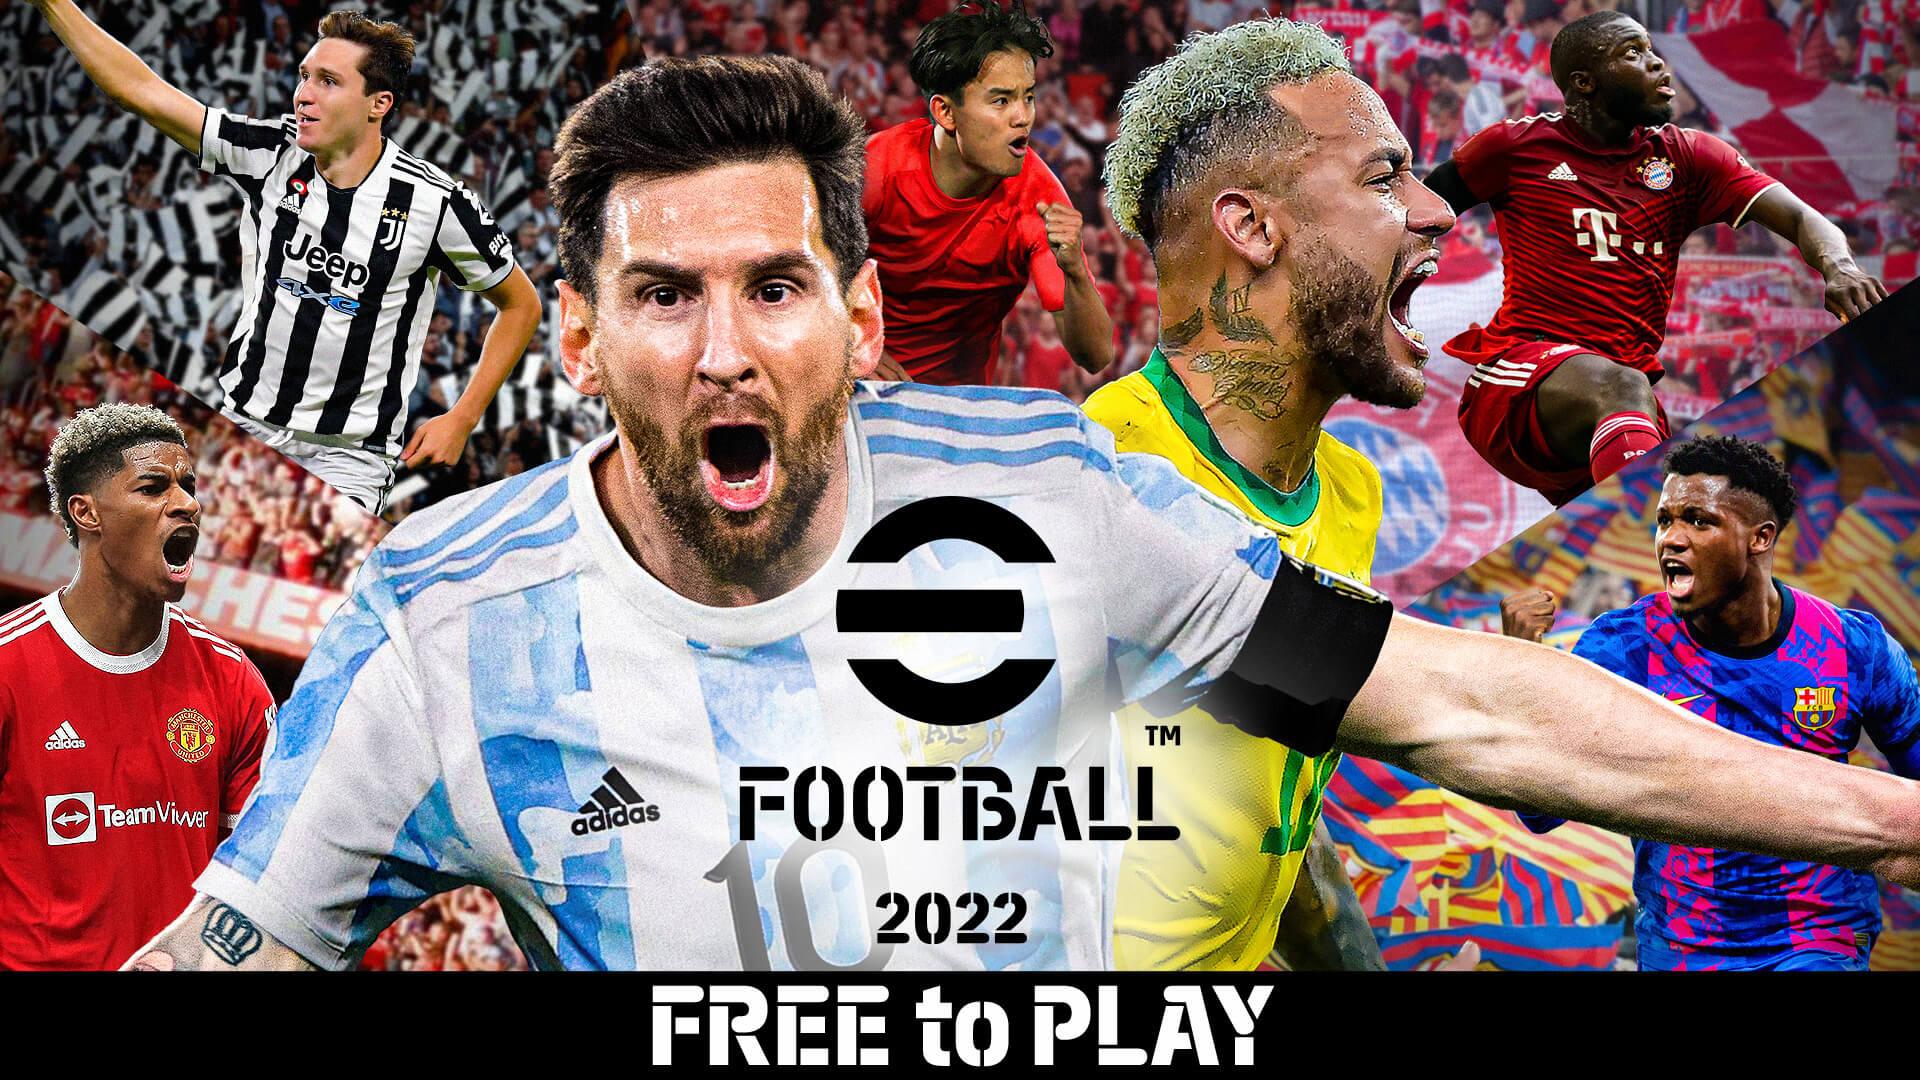 【画像】「コナミ」の新作サッカーゲーム、とんでもない評価を叩きだす メッシの顔が…